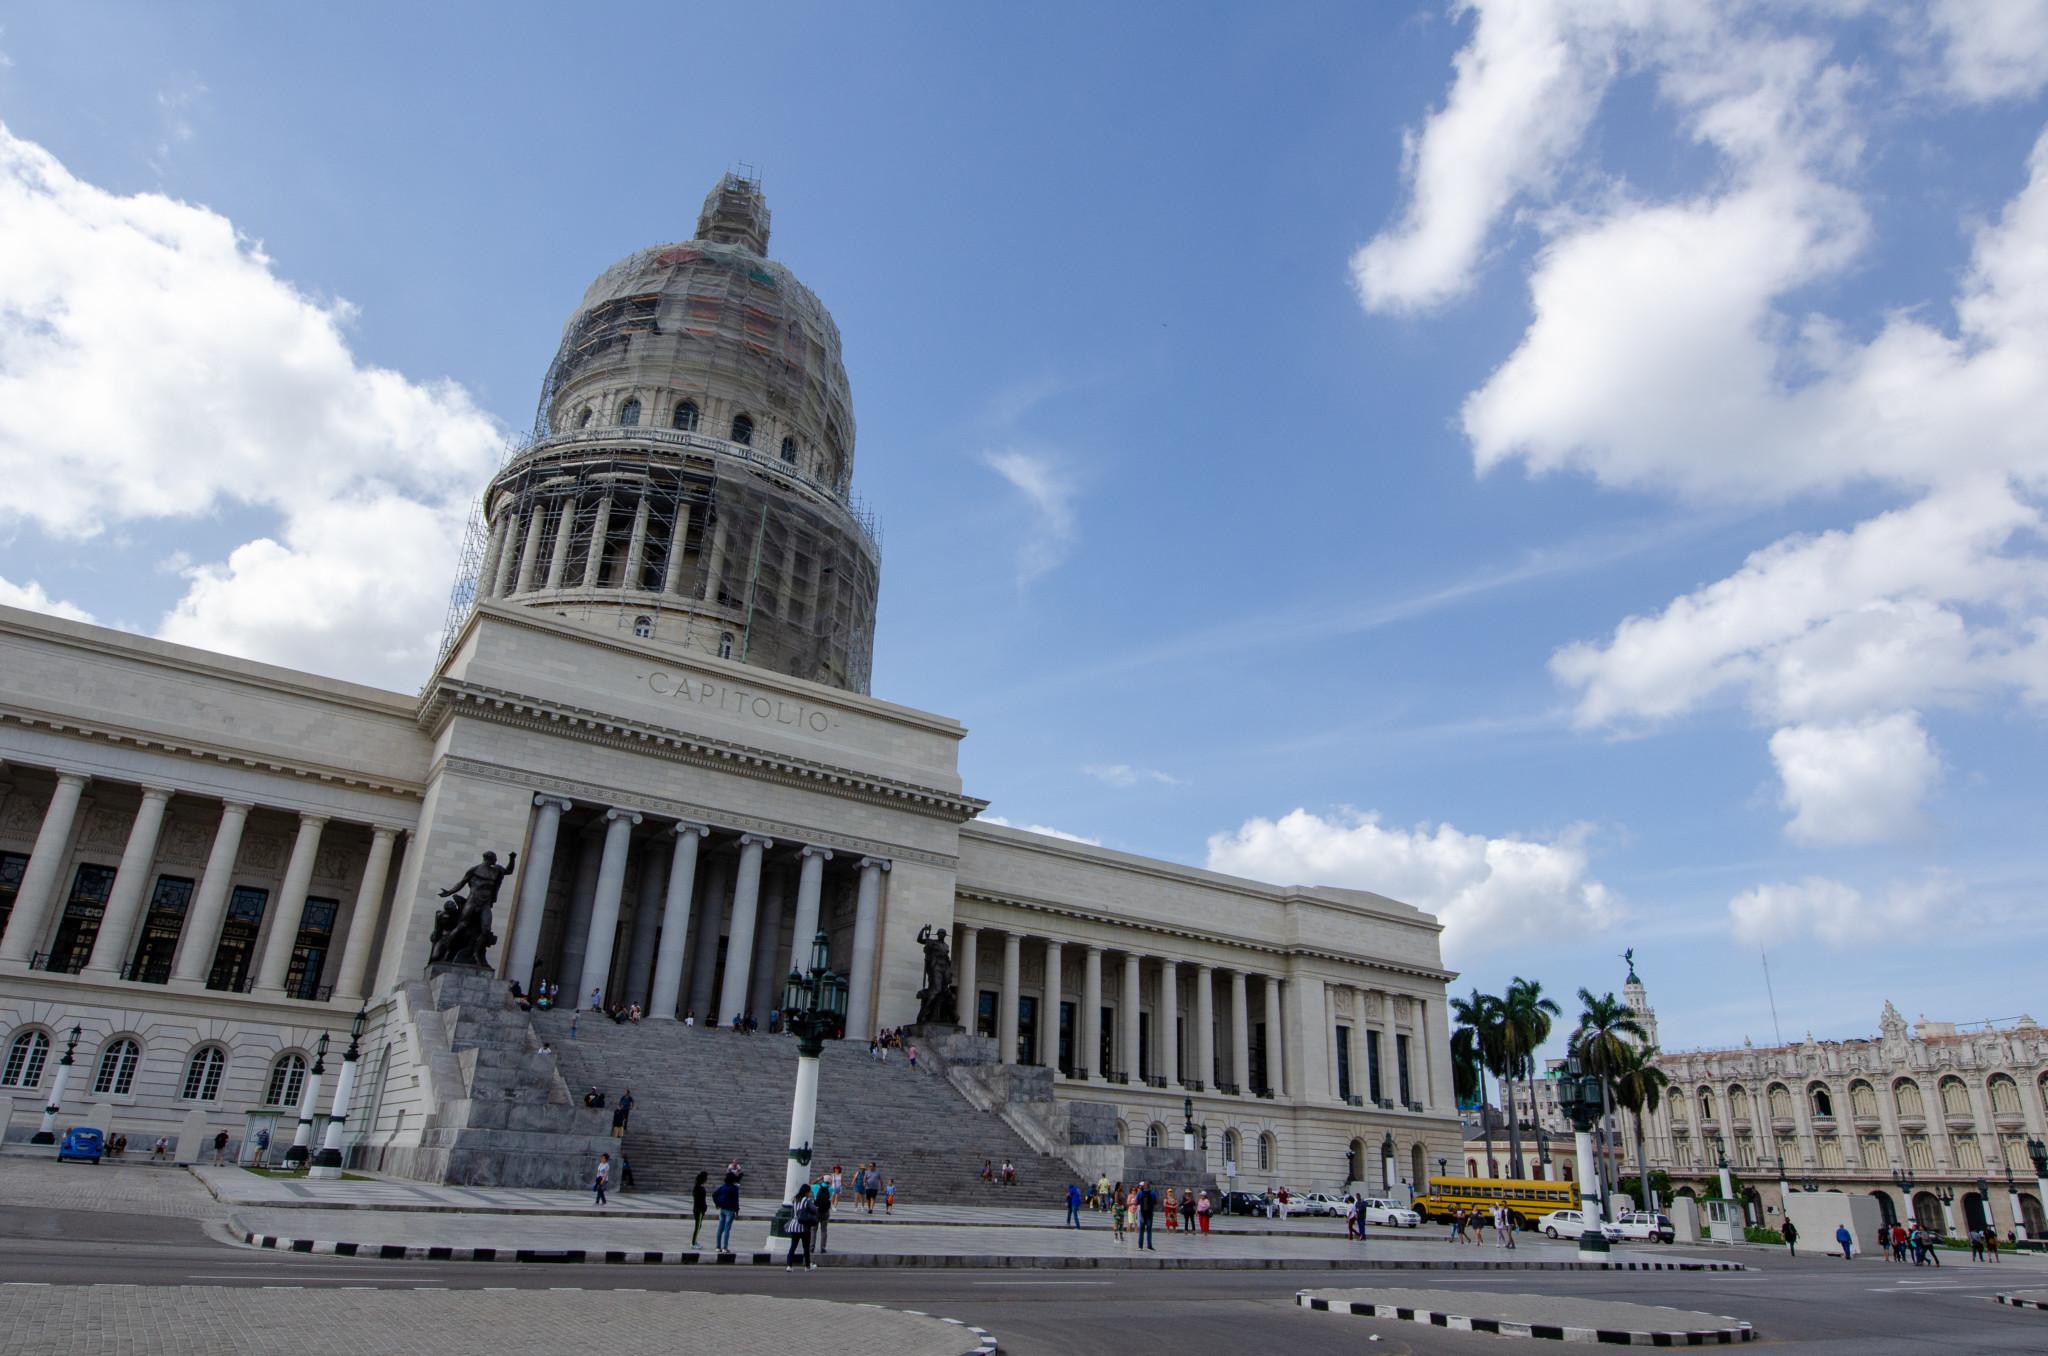 Das Capitol ist die erste Sehenswürdigkeit auf der Kuba Reiseroute